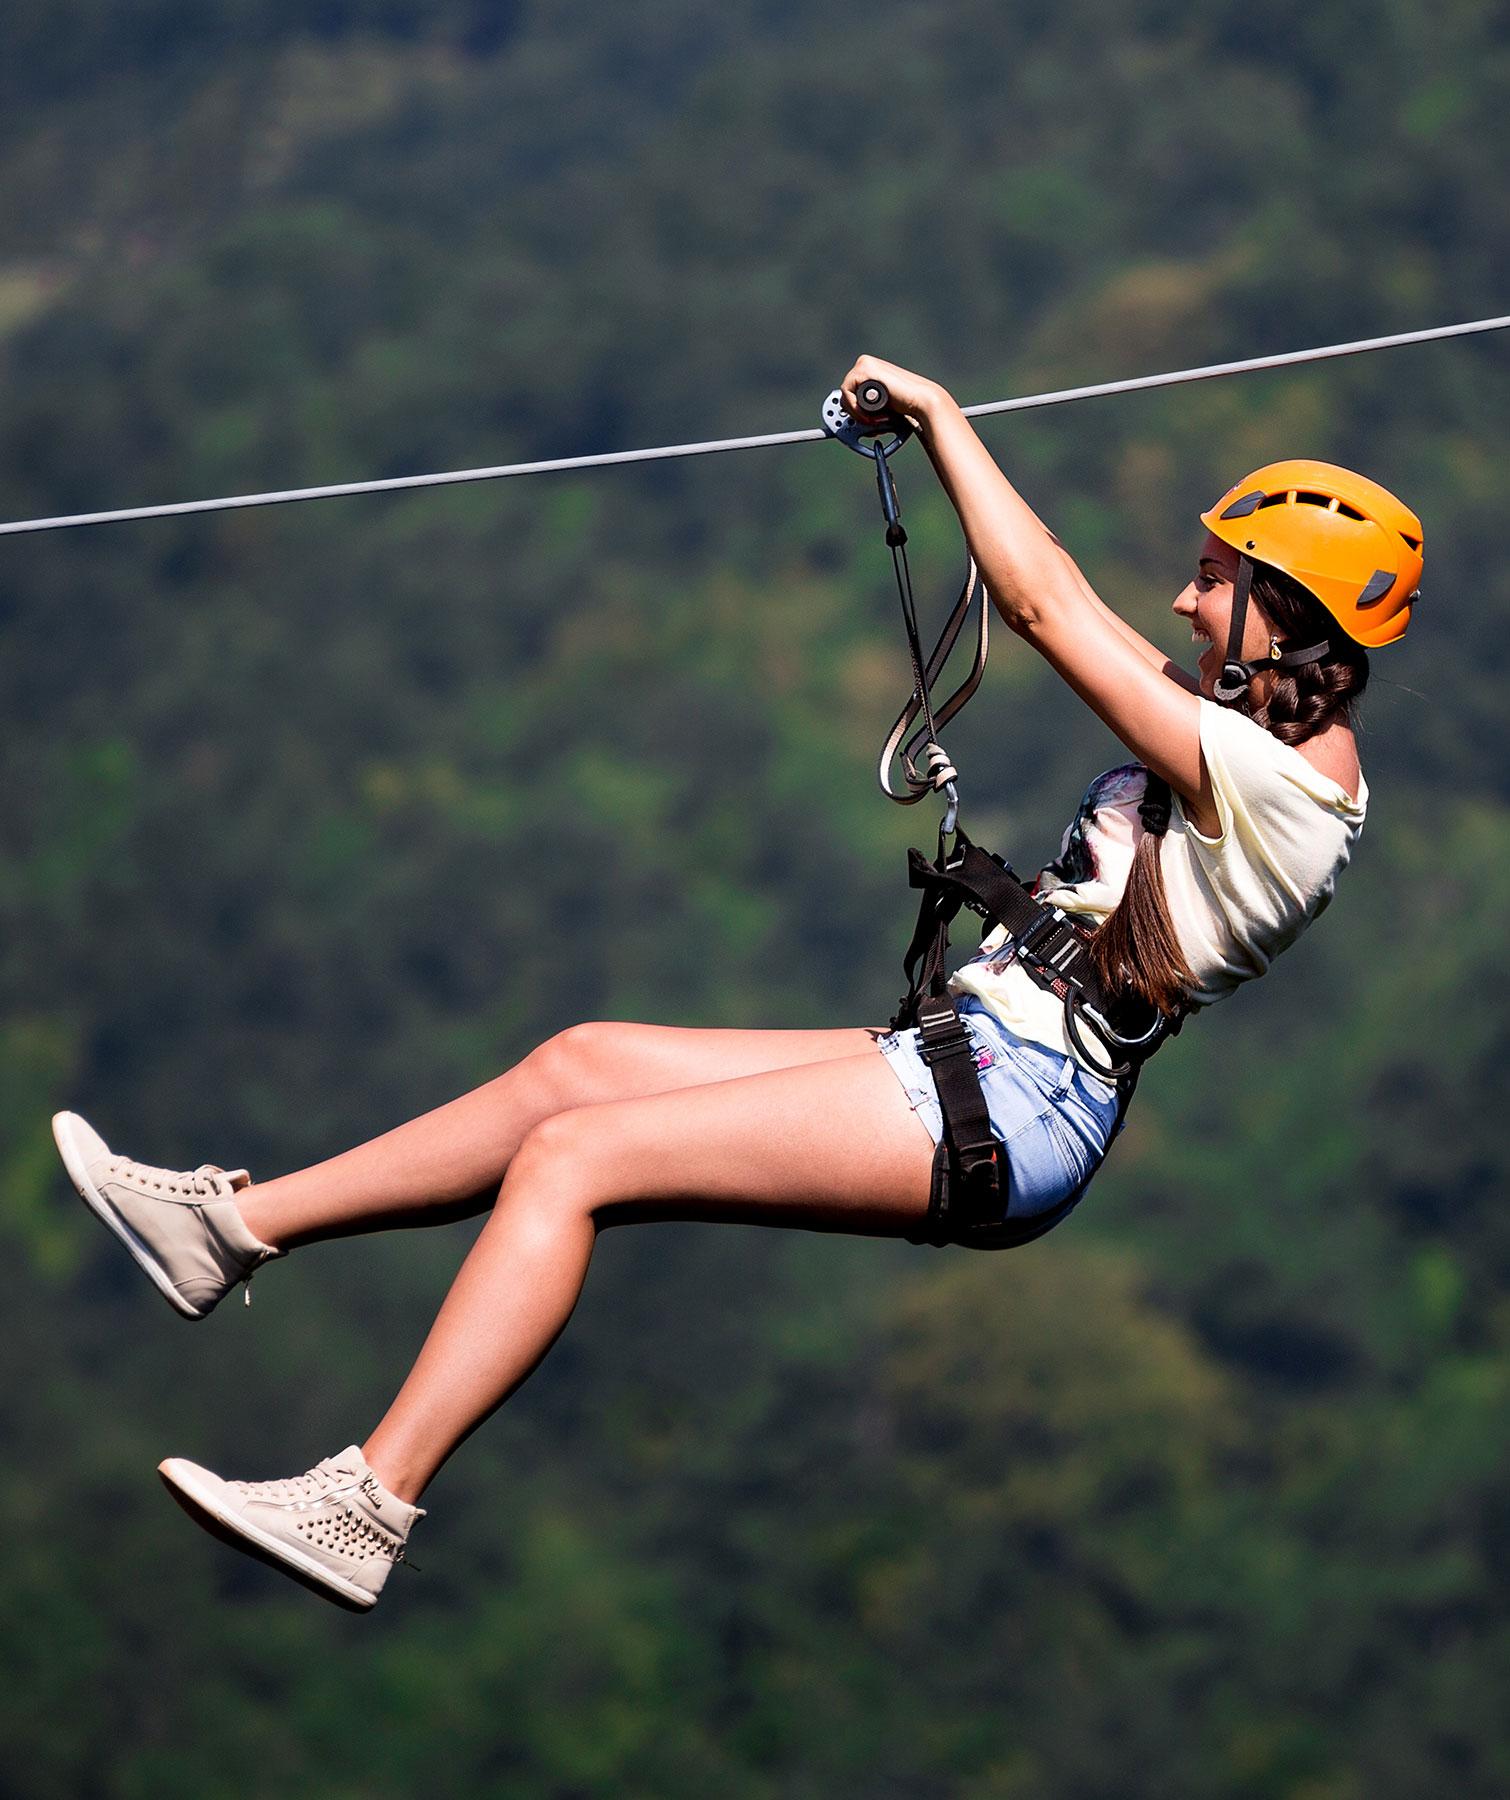 Zip-line-girl